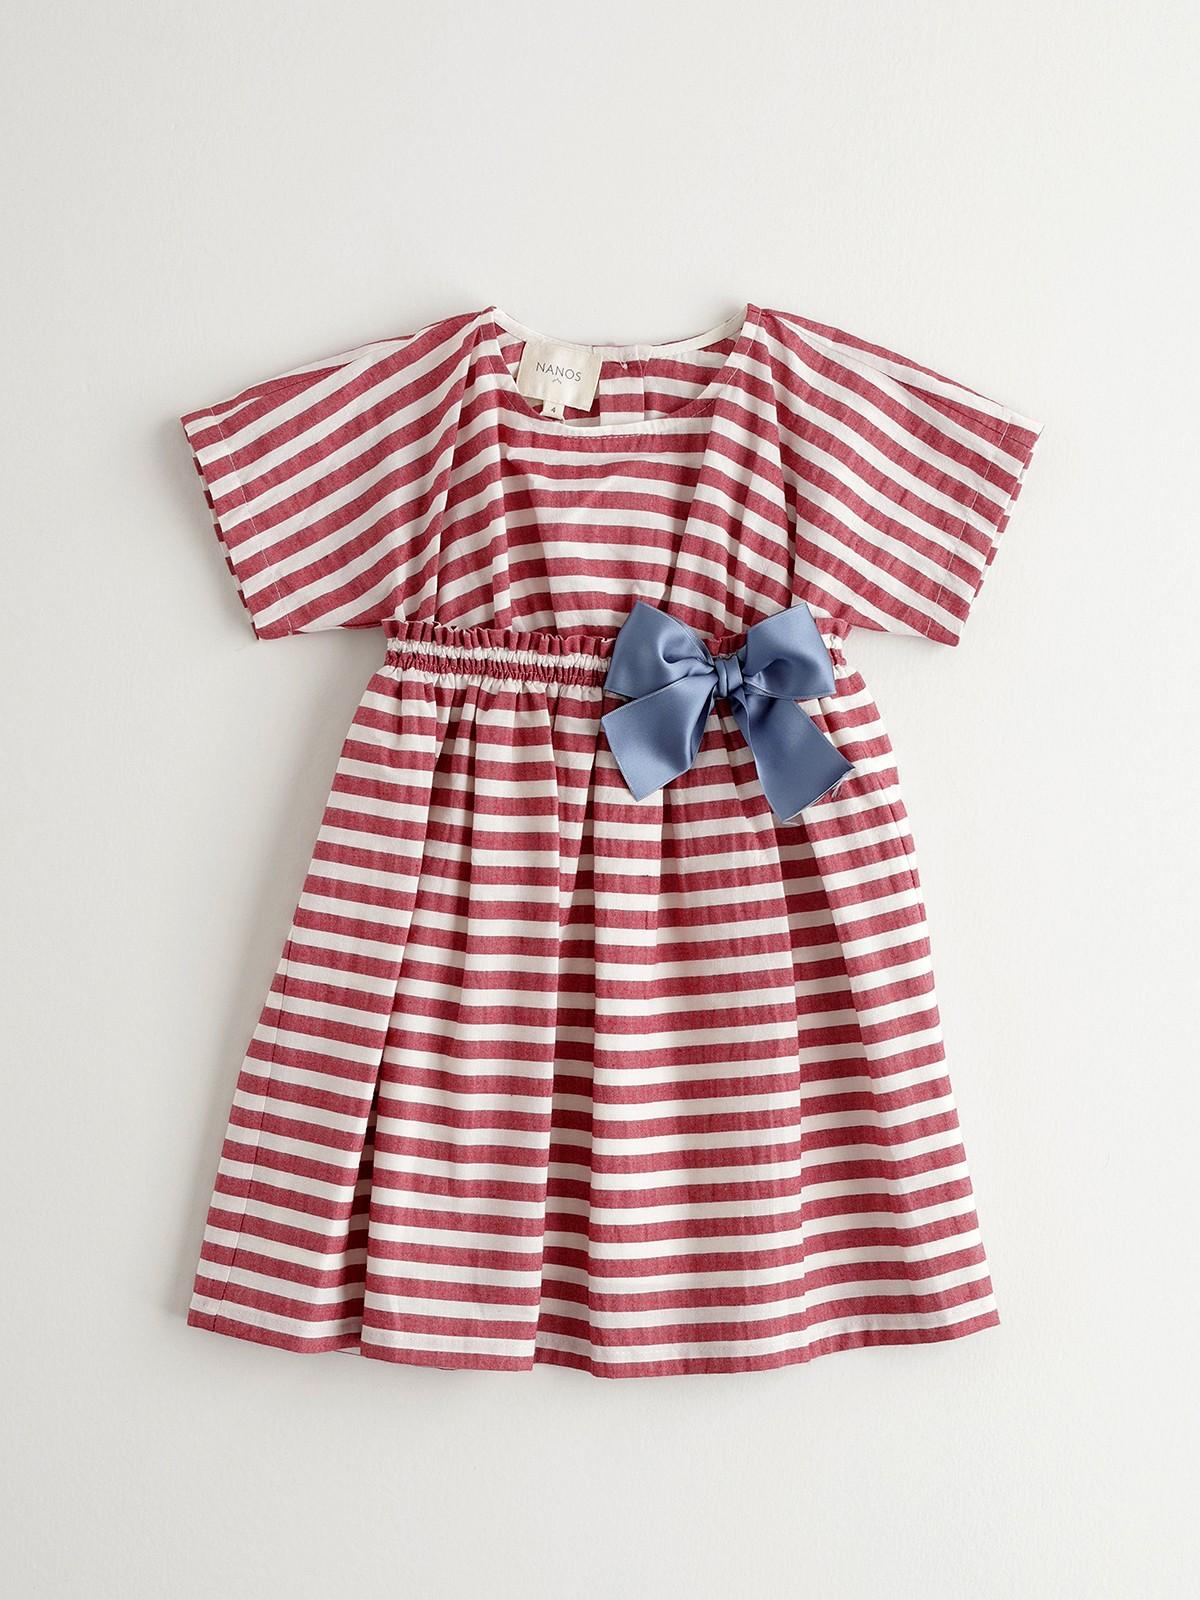 NANOS 紅色條紋洋裝